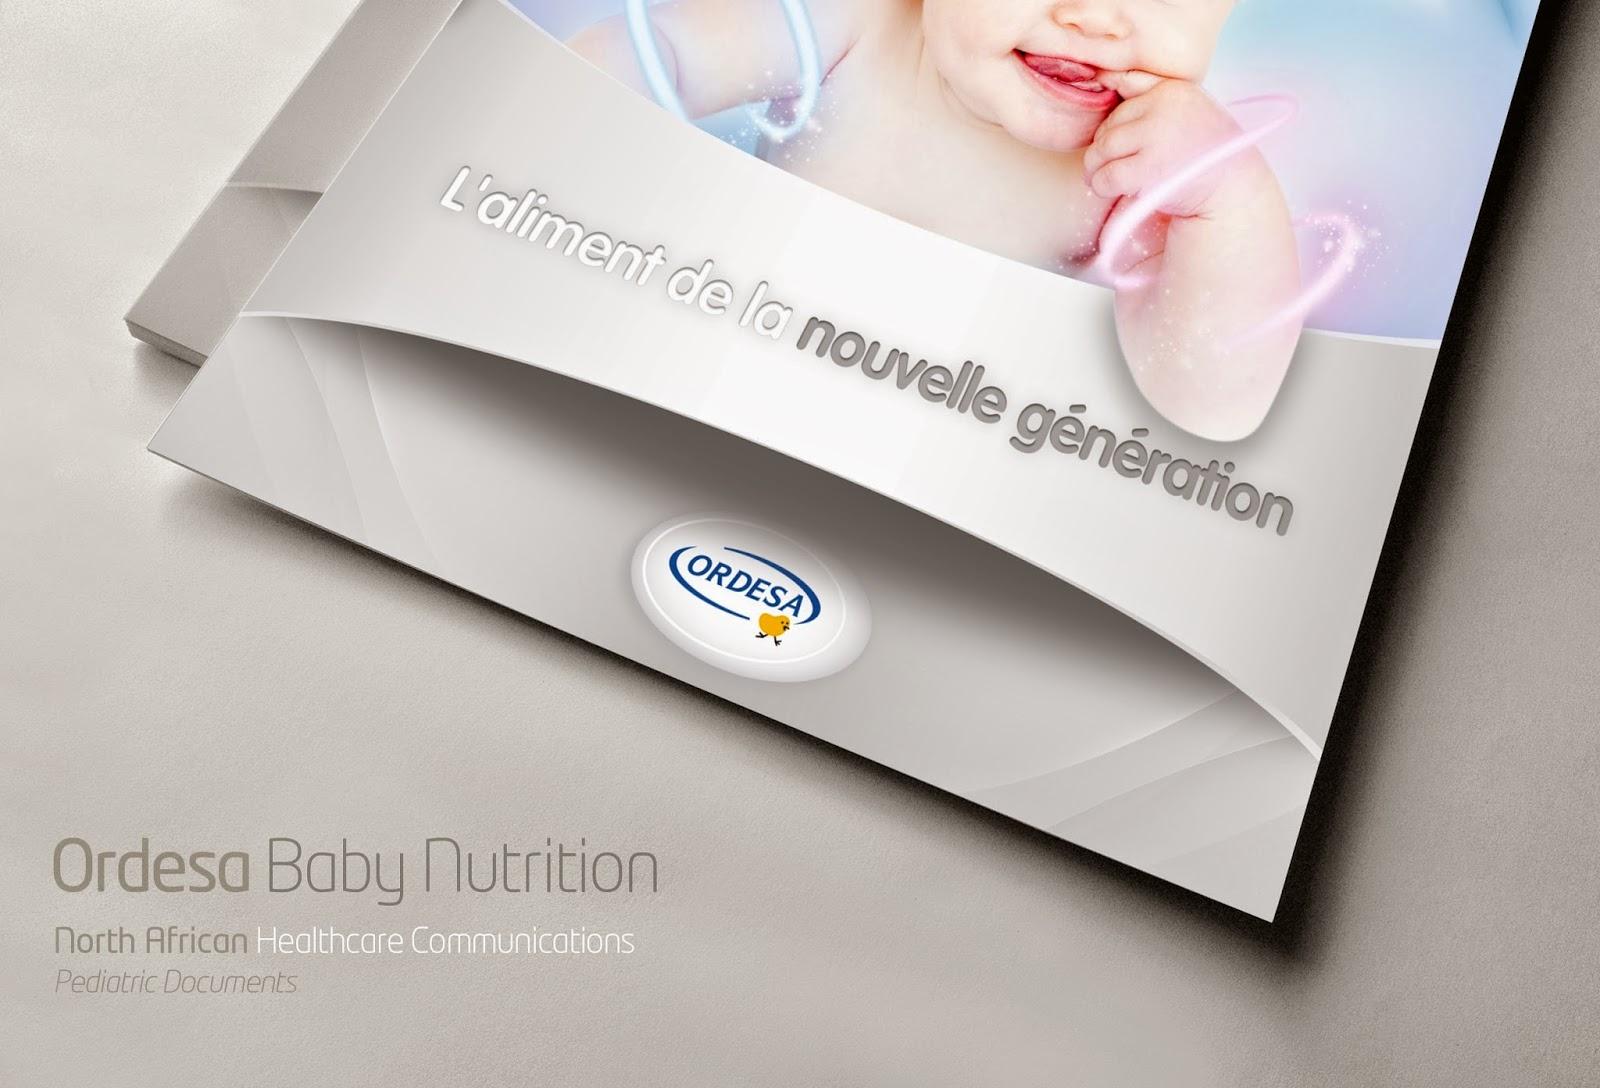 agencia healthcare ordesa laboratorios kellenfol advertising